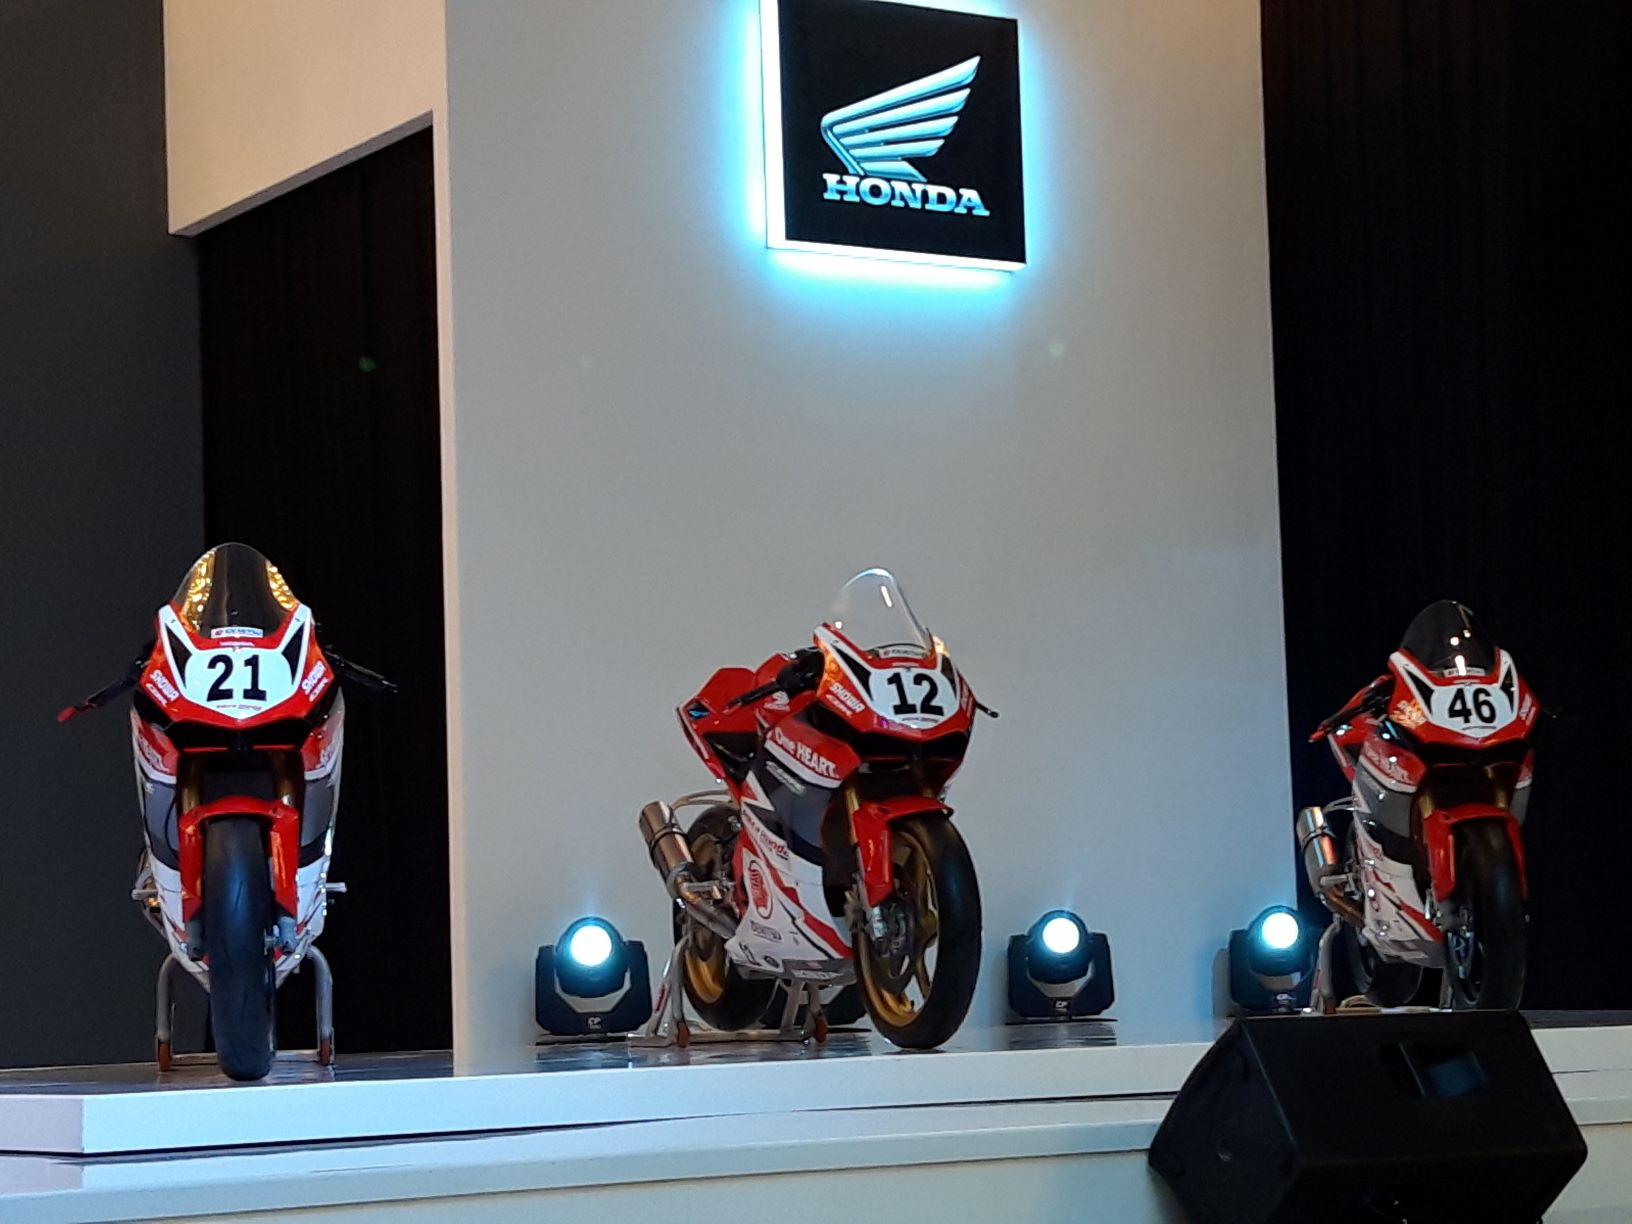 Bibit Muda Pebalap Indonesia Dilahirkan Astra Honda Motor